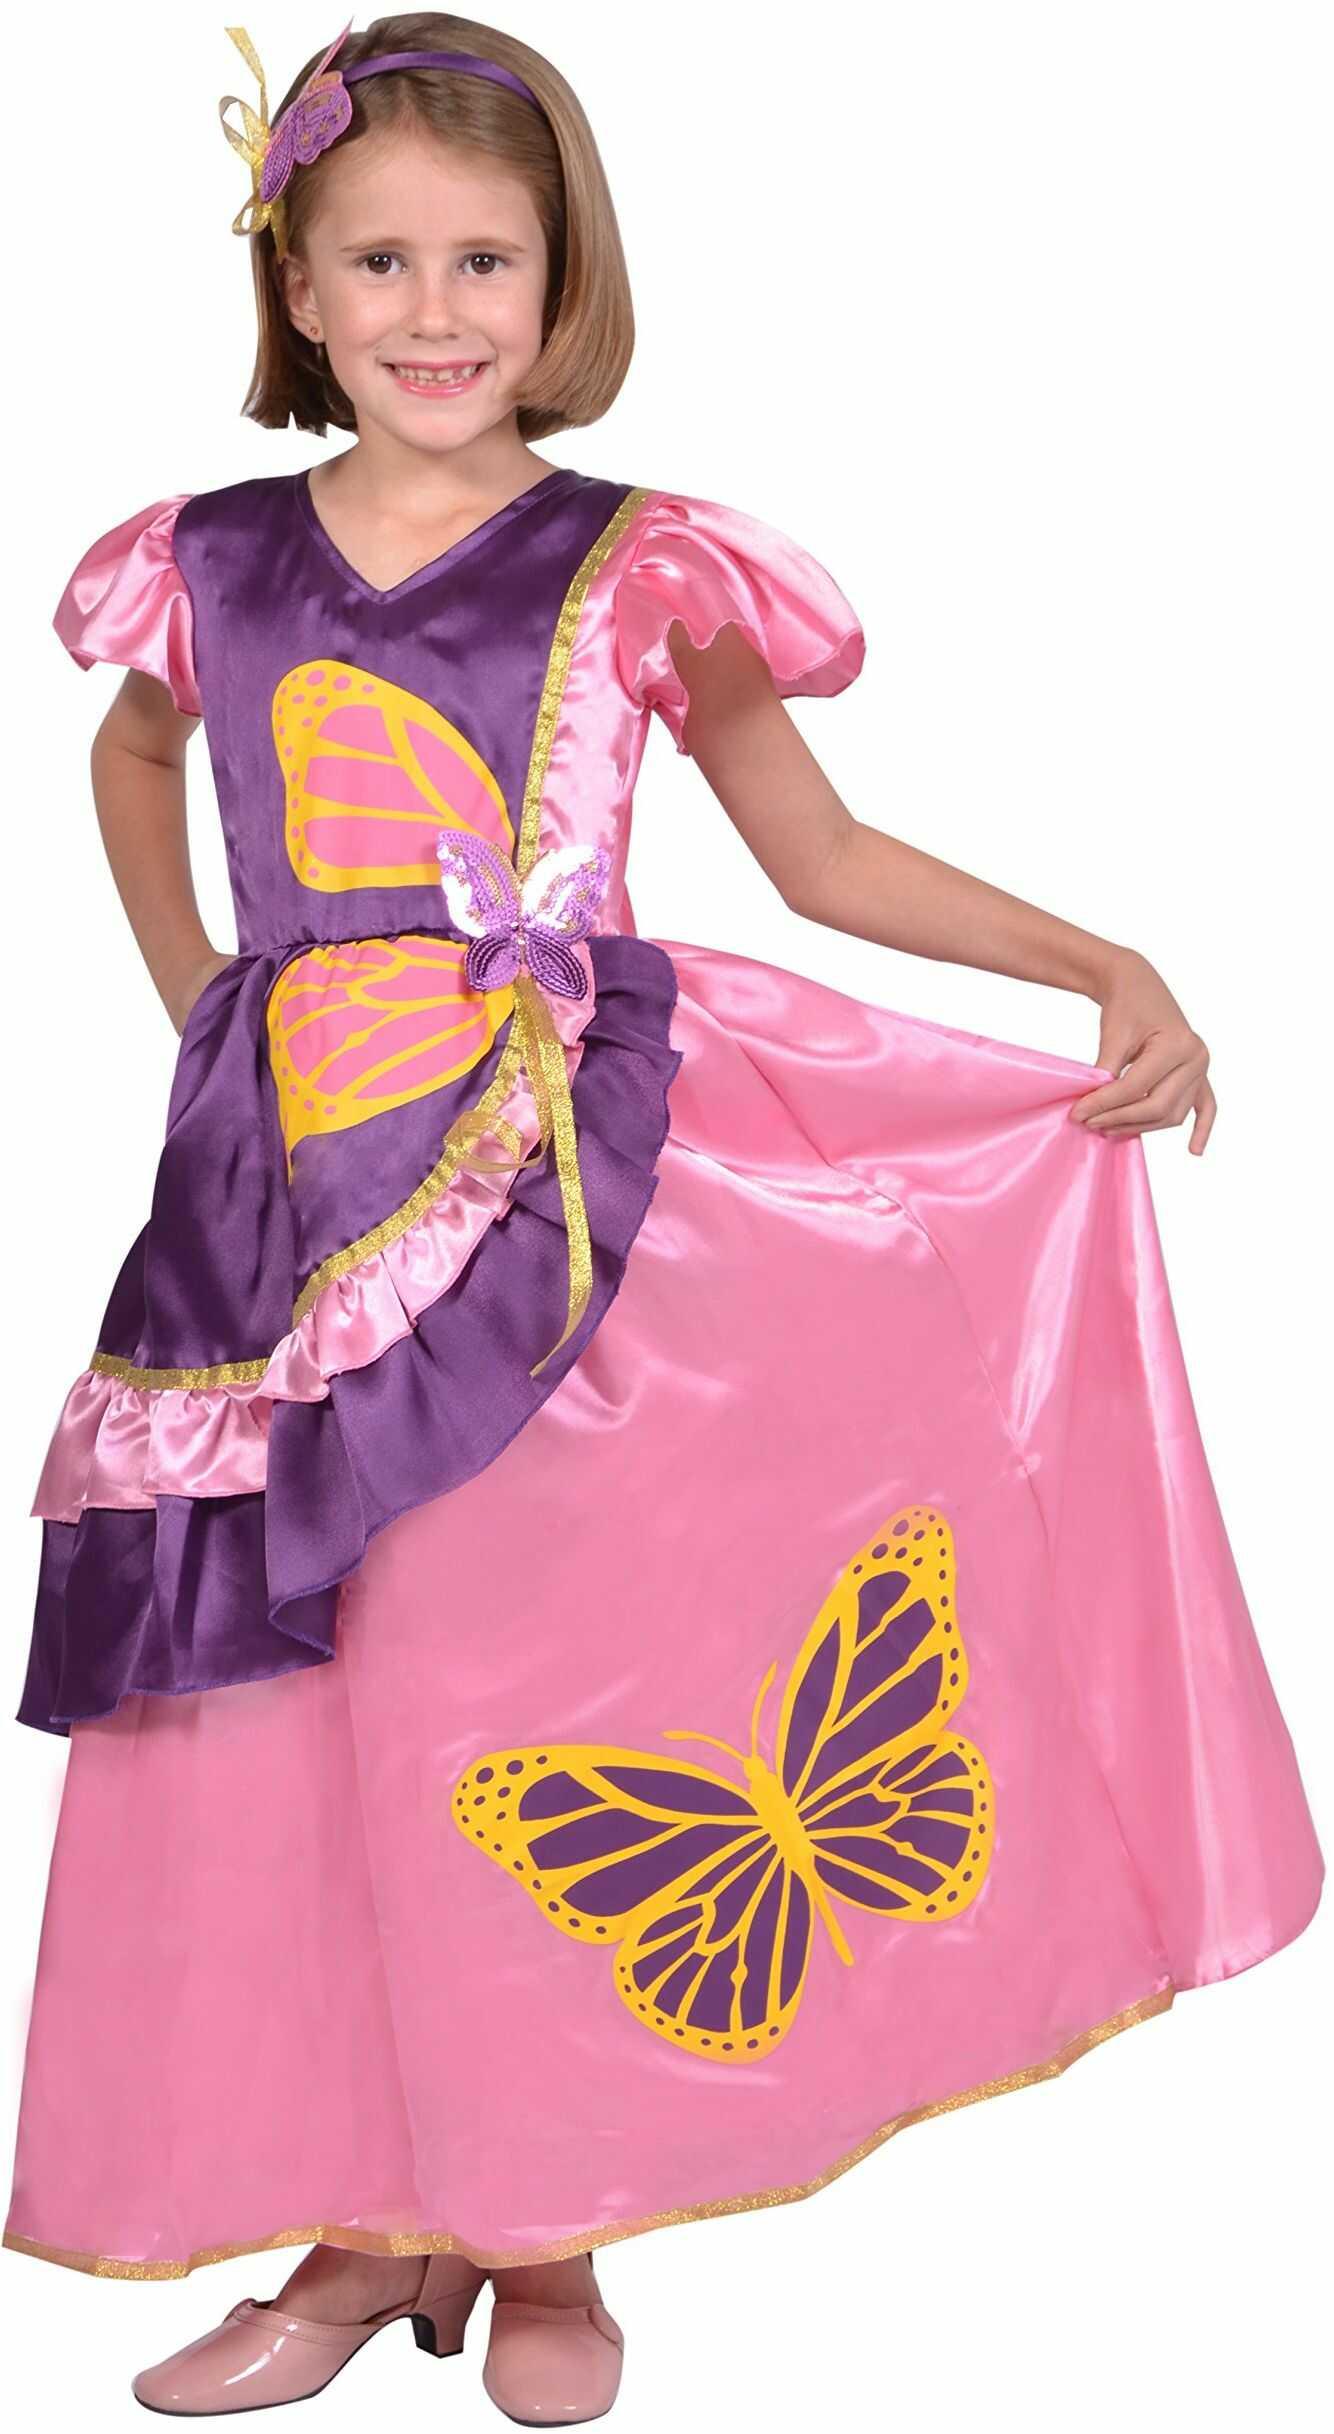 Cesar - F276  kostium księżniczki dla dzieci  motyl